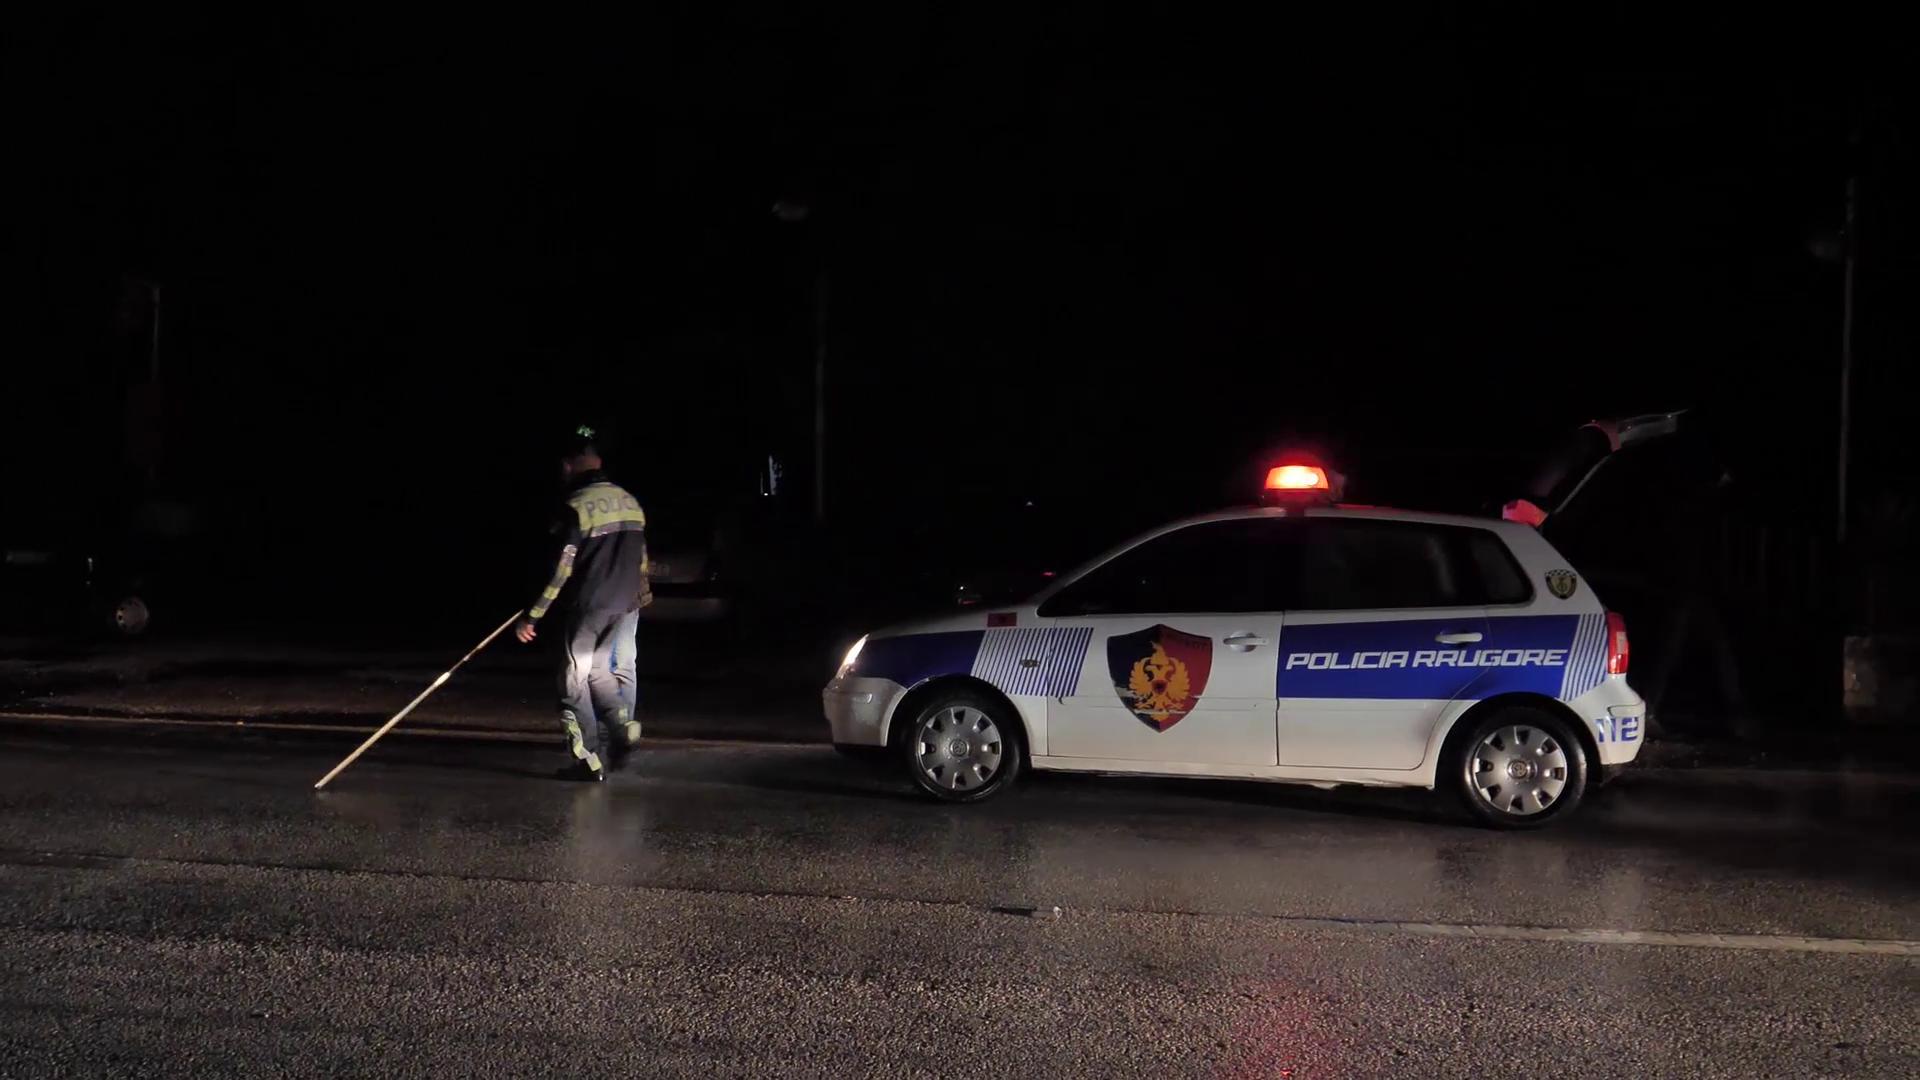 Aksidentohen dy mjete në Elbasan, 3 të plagosur mes të cilëve edhe një fëmijë